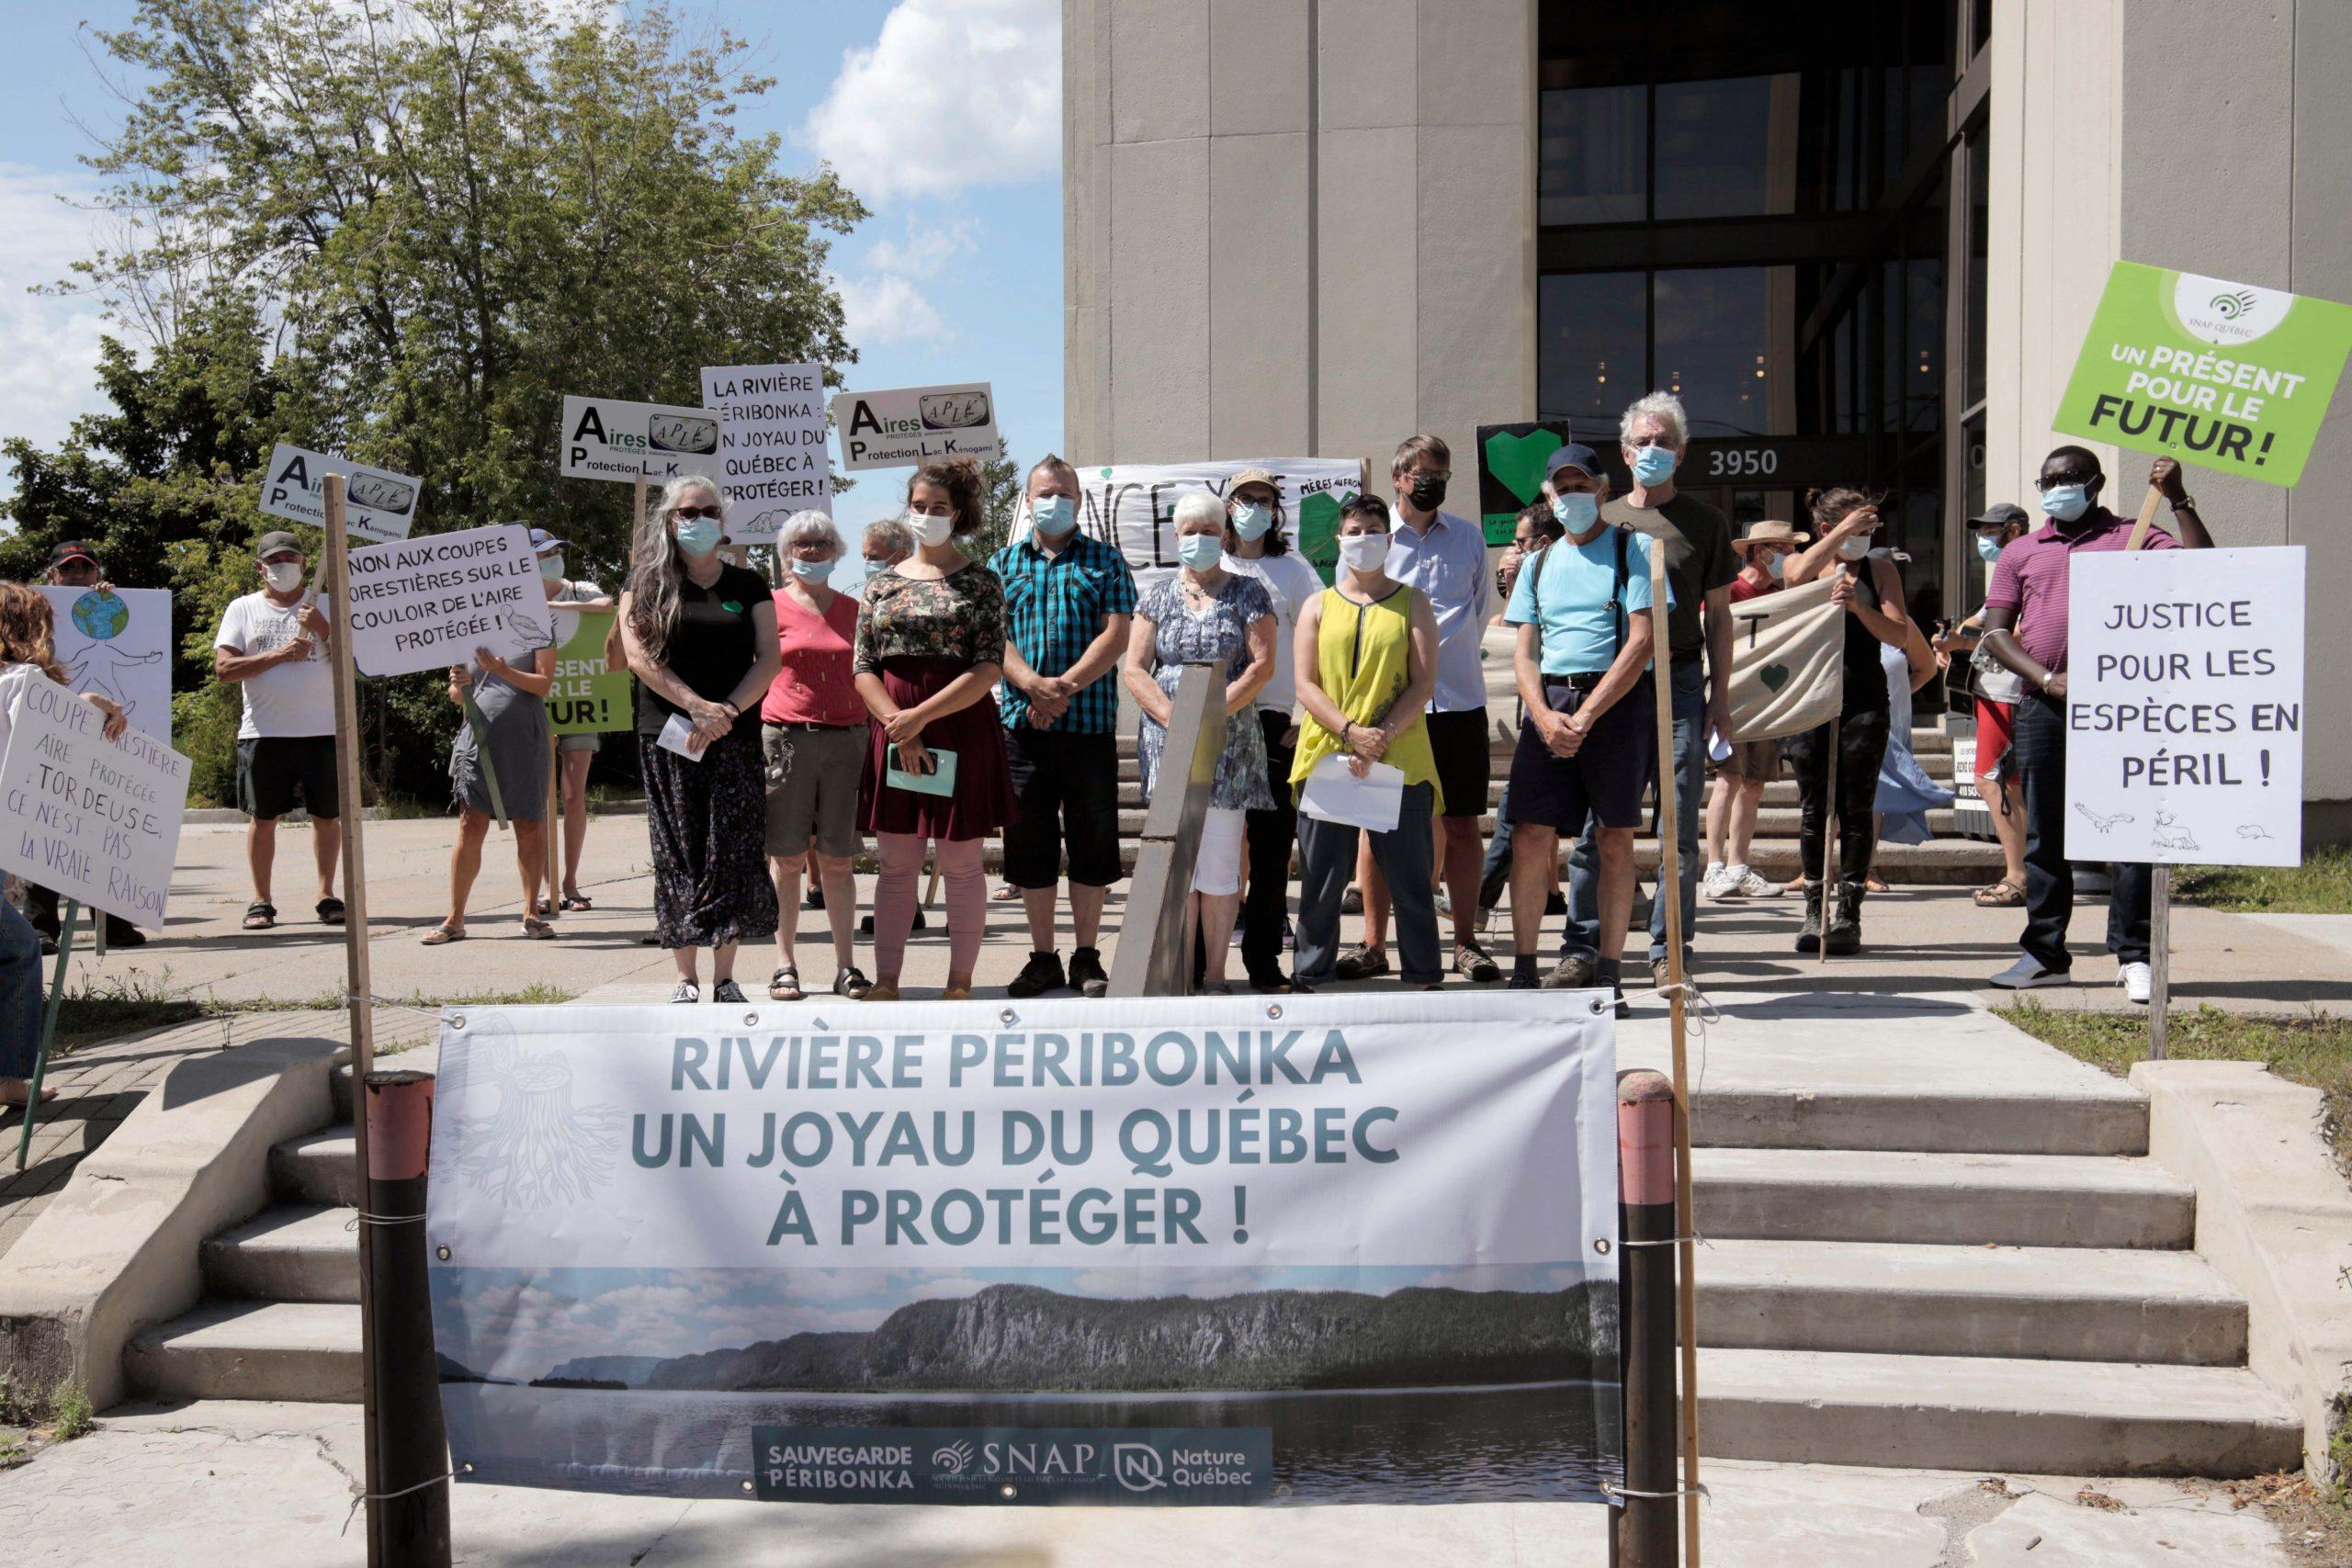 Manifestation pour la protection de la rivière Péribonka : le Premier ministre doit rappeler le ministre Dufour à l'ordre et suspendre toute coupe forestière